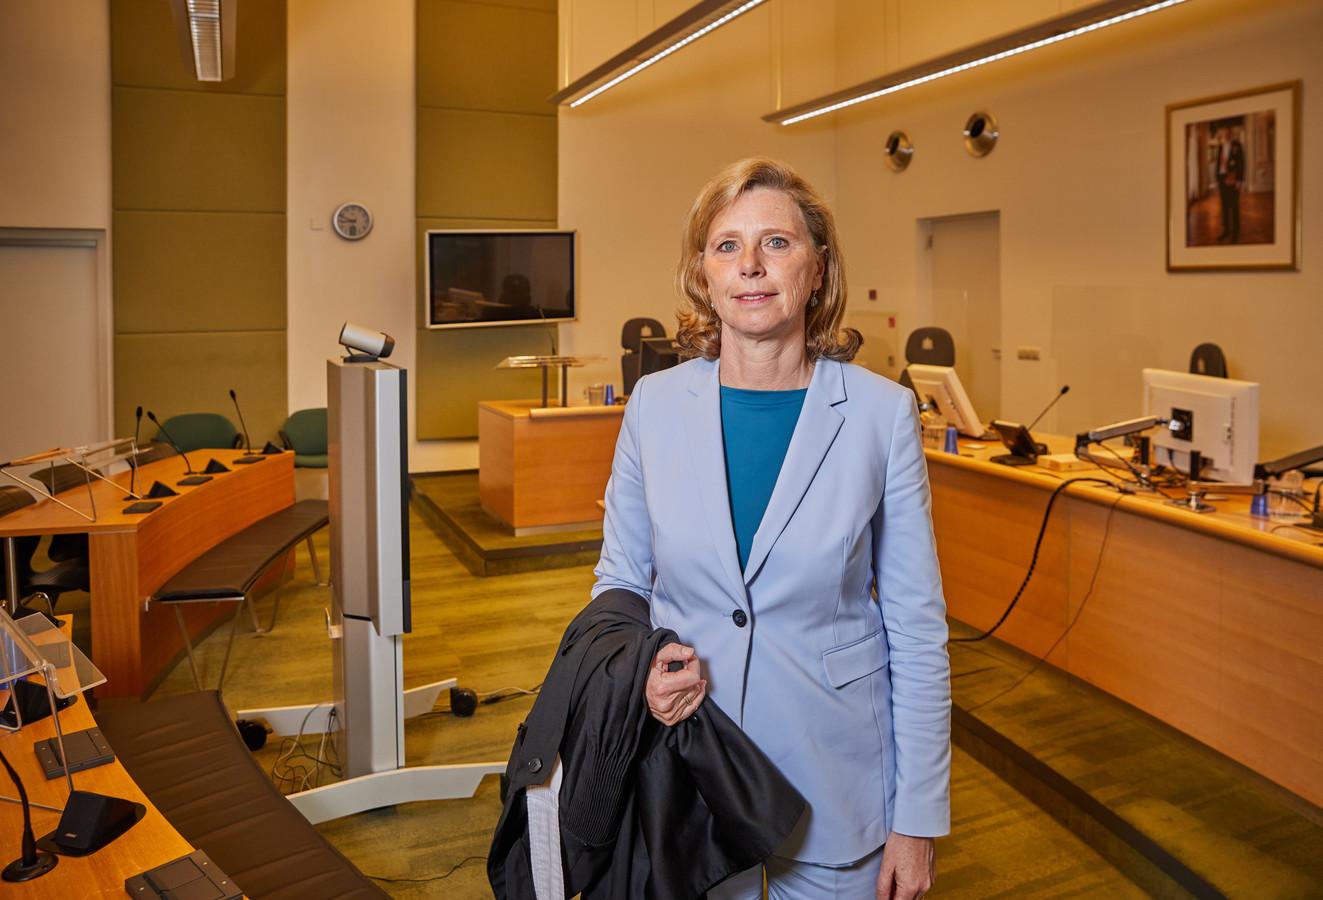 President van de rechtbank Rotterdam Robine de Lange in de videorechtszaal.